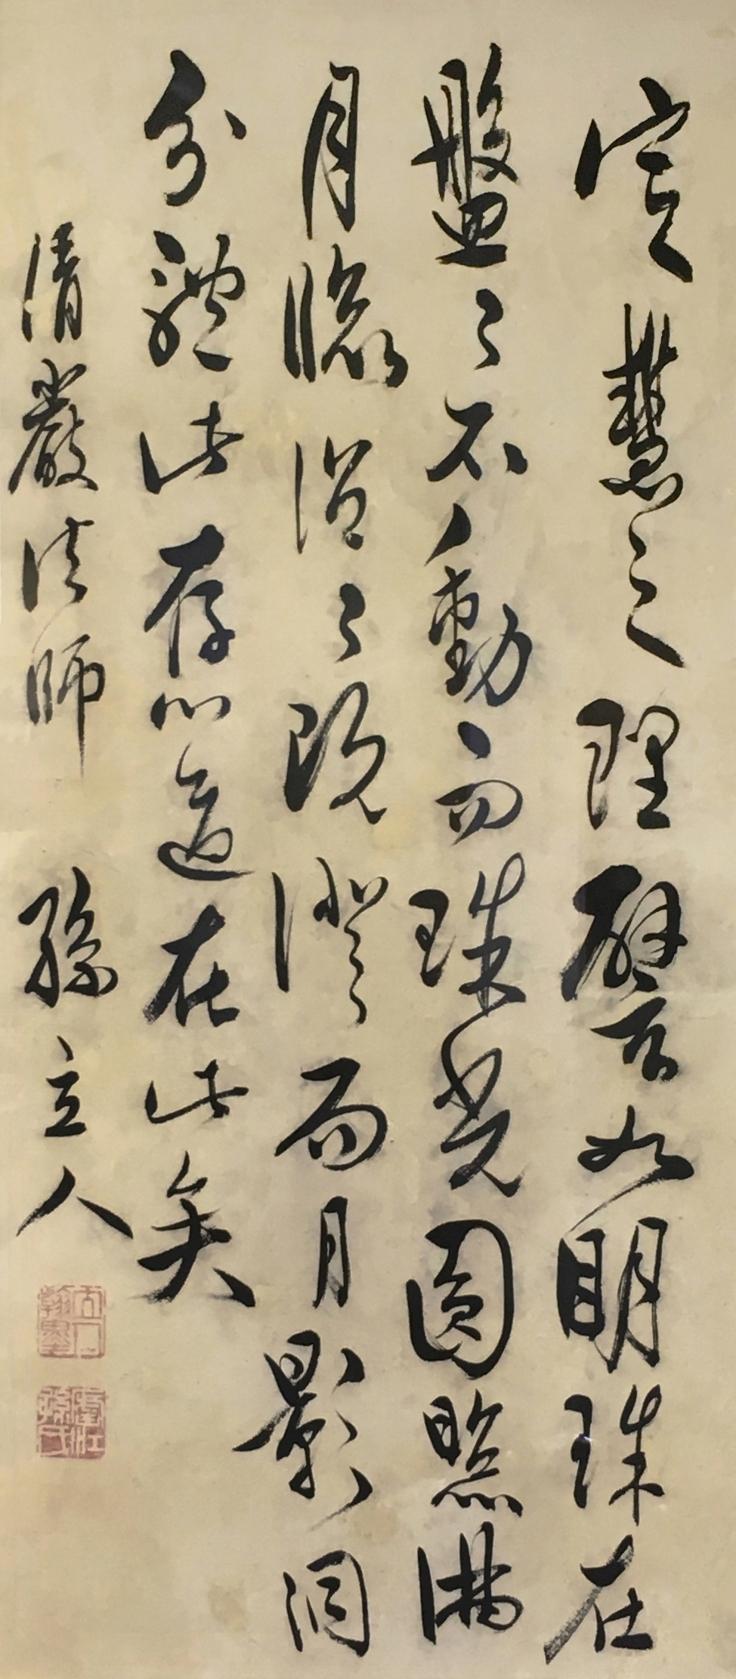 2-3孫立人 書法 | 宋 晁迥 法藏碎金錄